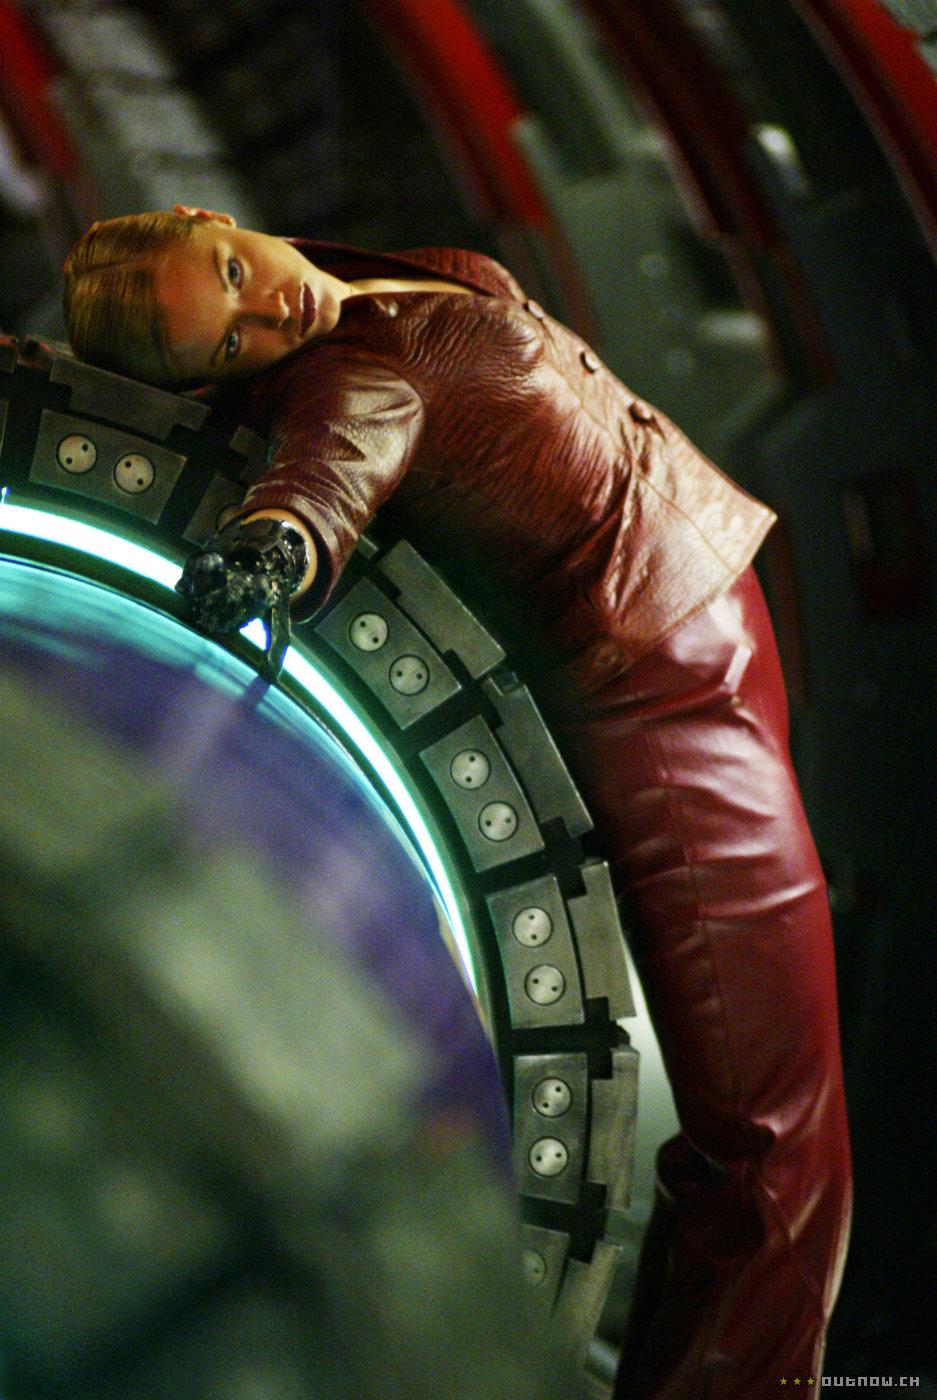 кадры из фильма Терминатор 3: Восстание машин Кристанна Локен,